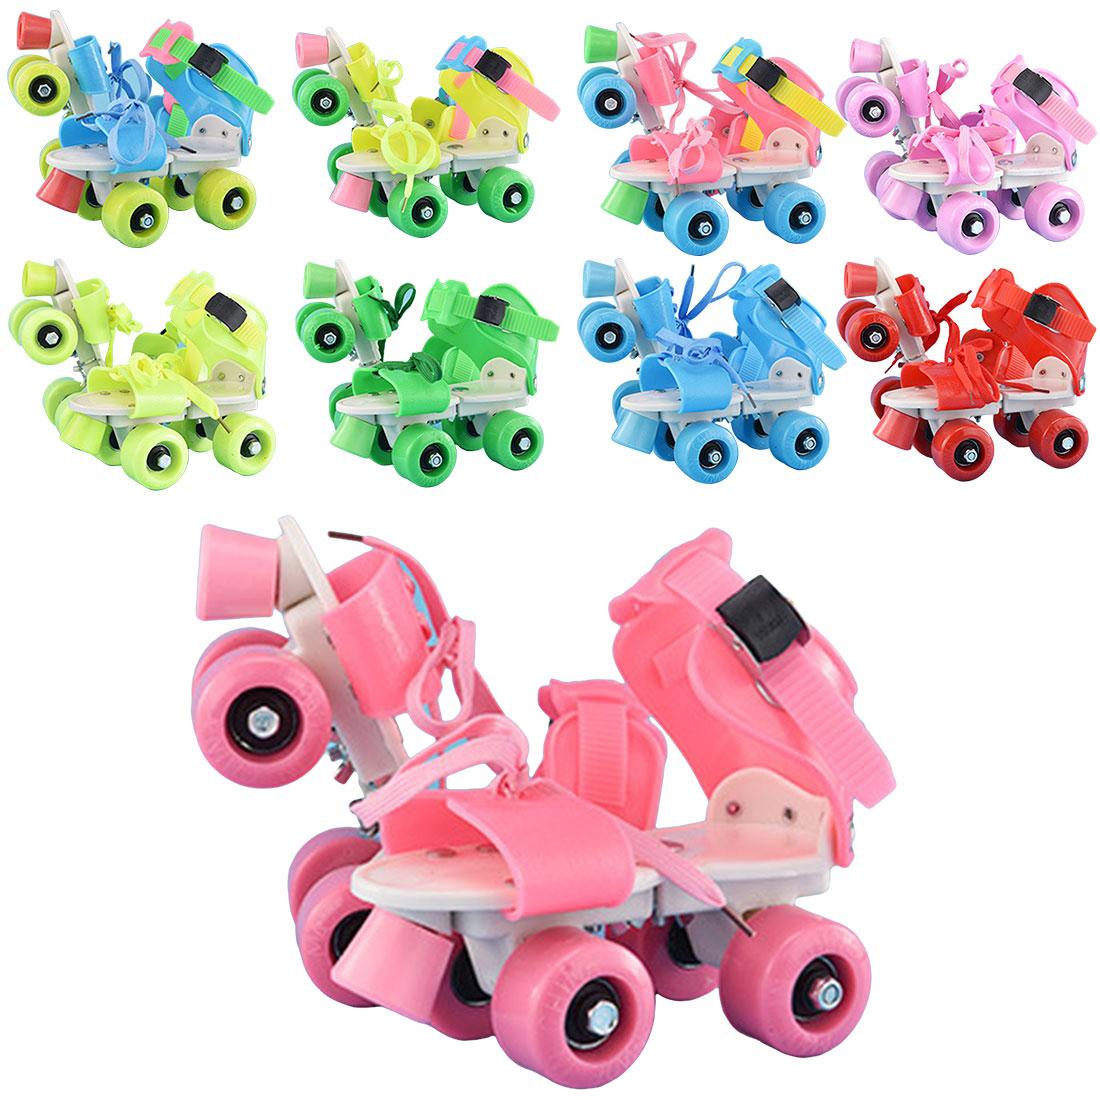 4 roues Enfants Patins à roulettes Double Rangée Réglable Taille Chaussures De Patinage Coulissante Slalom Patins À Roues Alignées Enfants Cadeaux